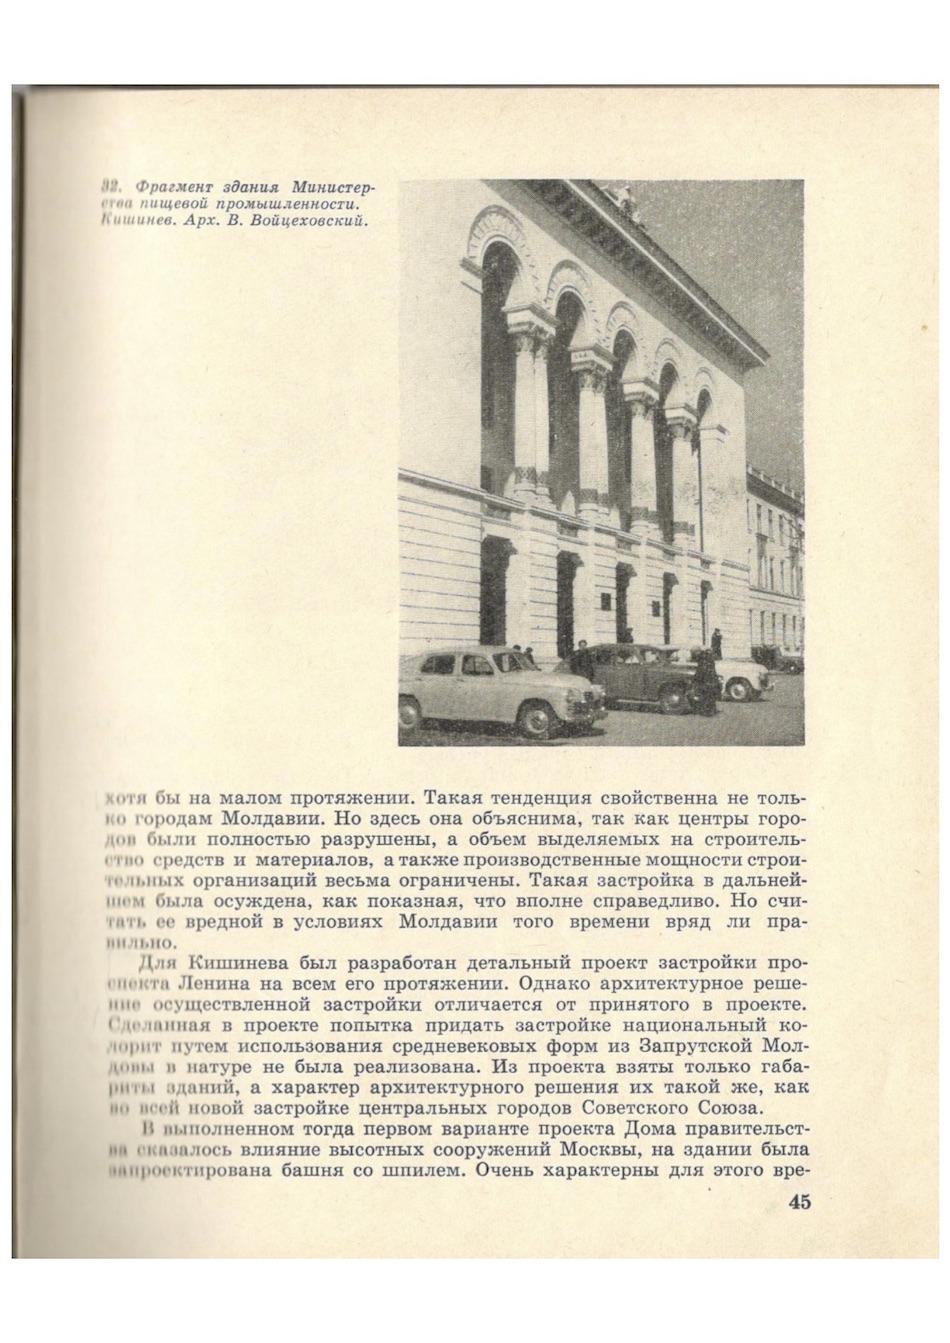 29-Градостроительство-Молдавии-В-Ф-Смирнов